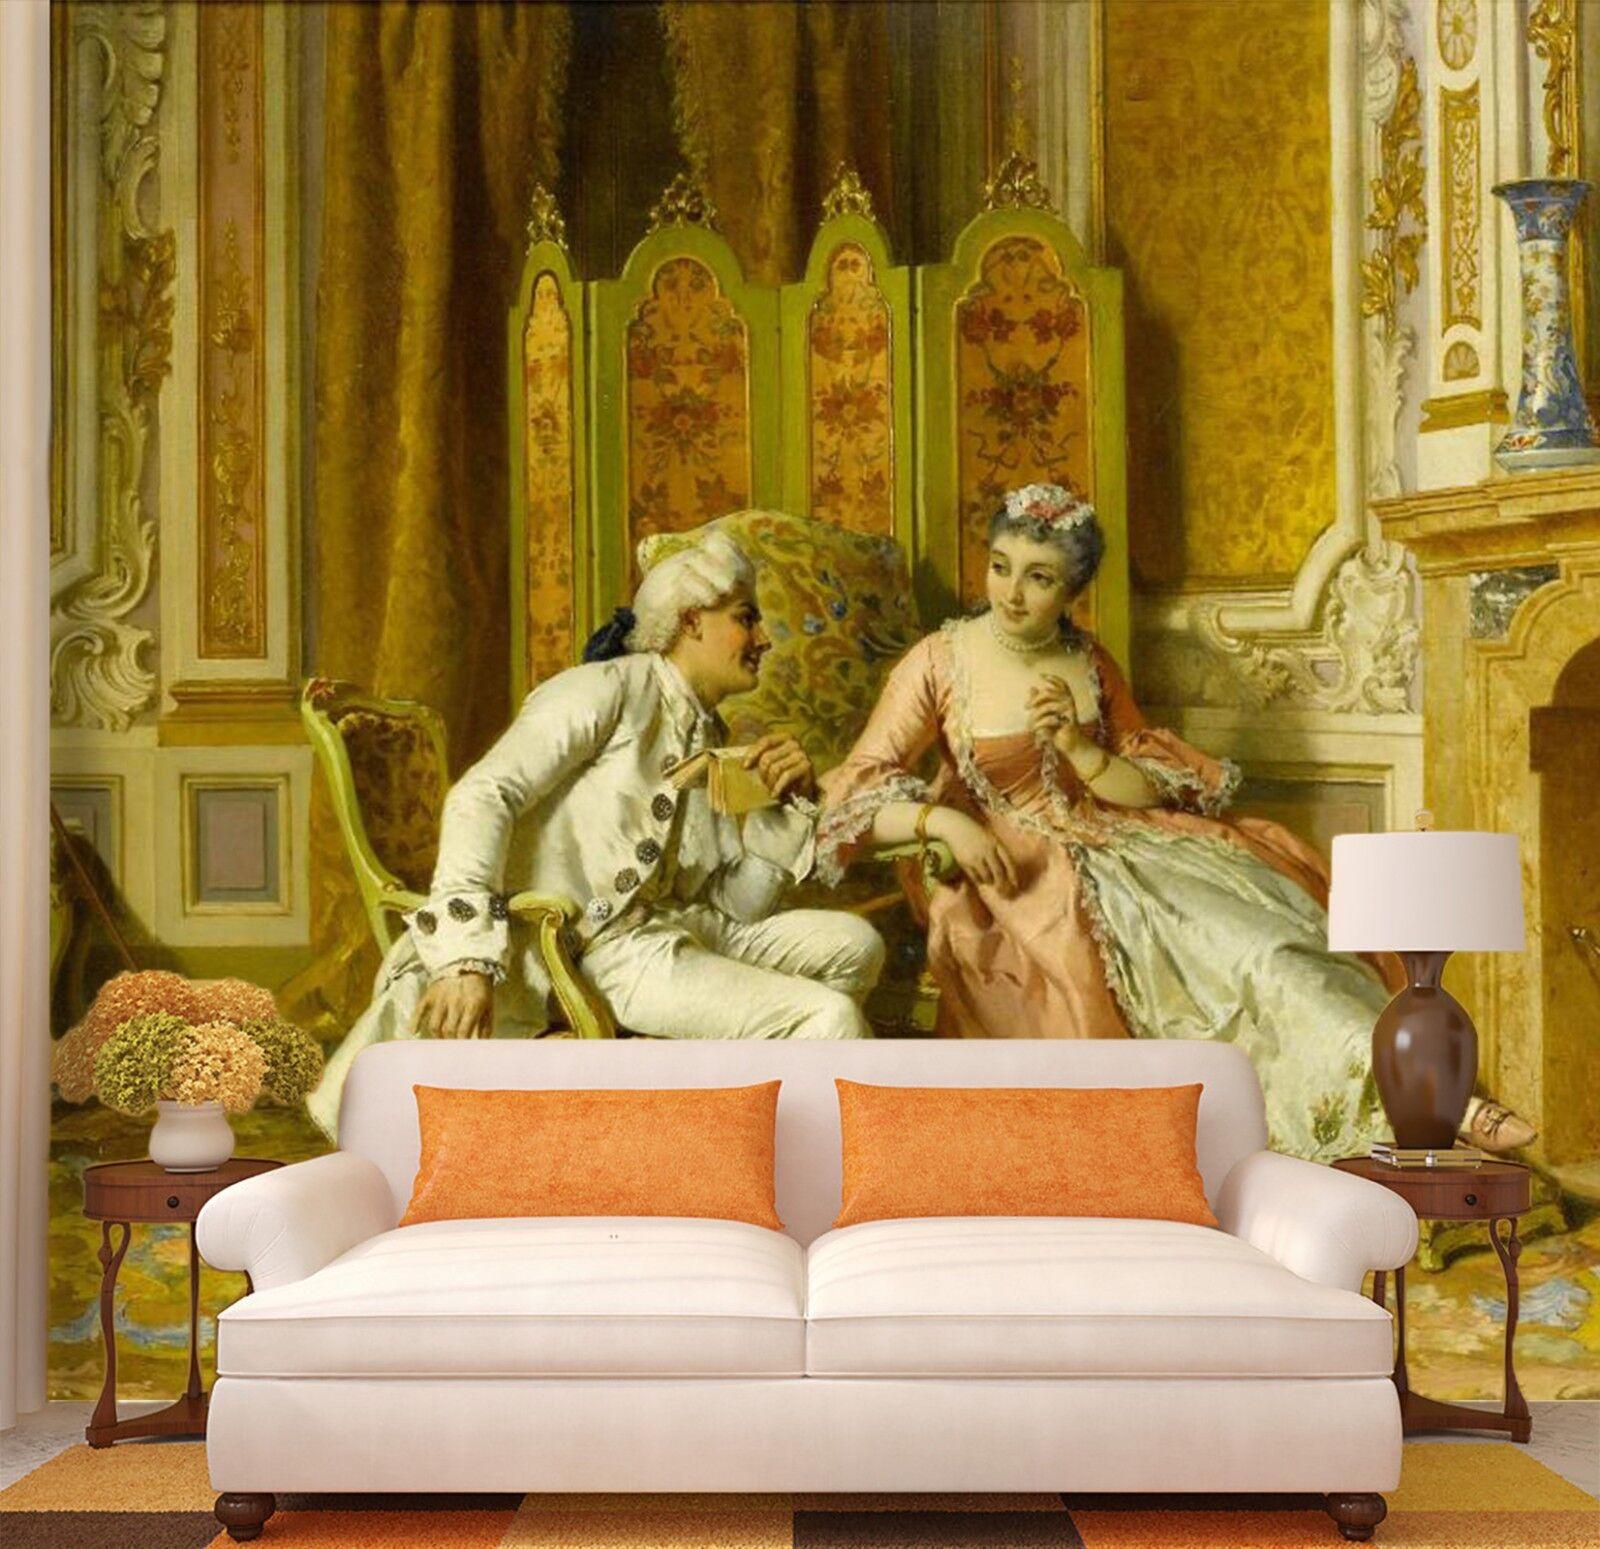 3D Ölgemälde Goldene Halle 7899 Tapete Wandgemälde Tapeten Bild Familie DE Lemon